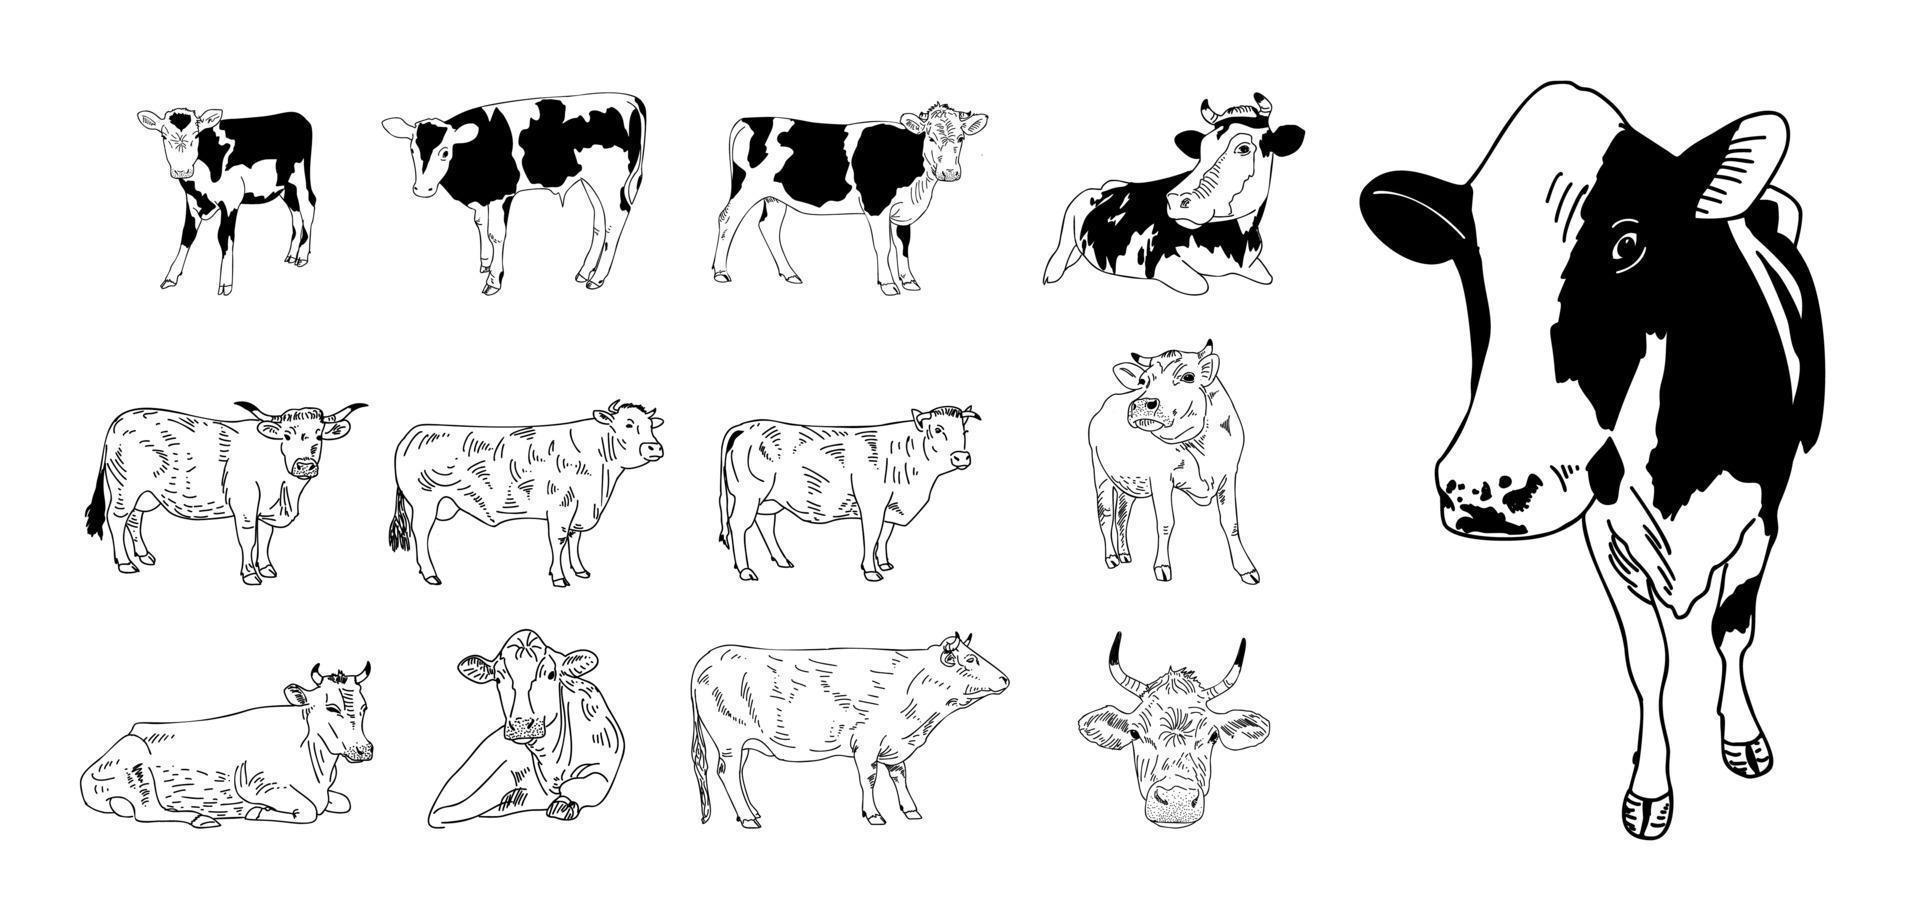 vaca aislada en blanco, ilustración vectorial dibujada a mano. vector